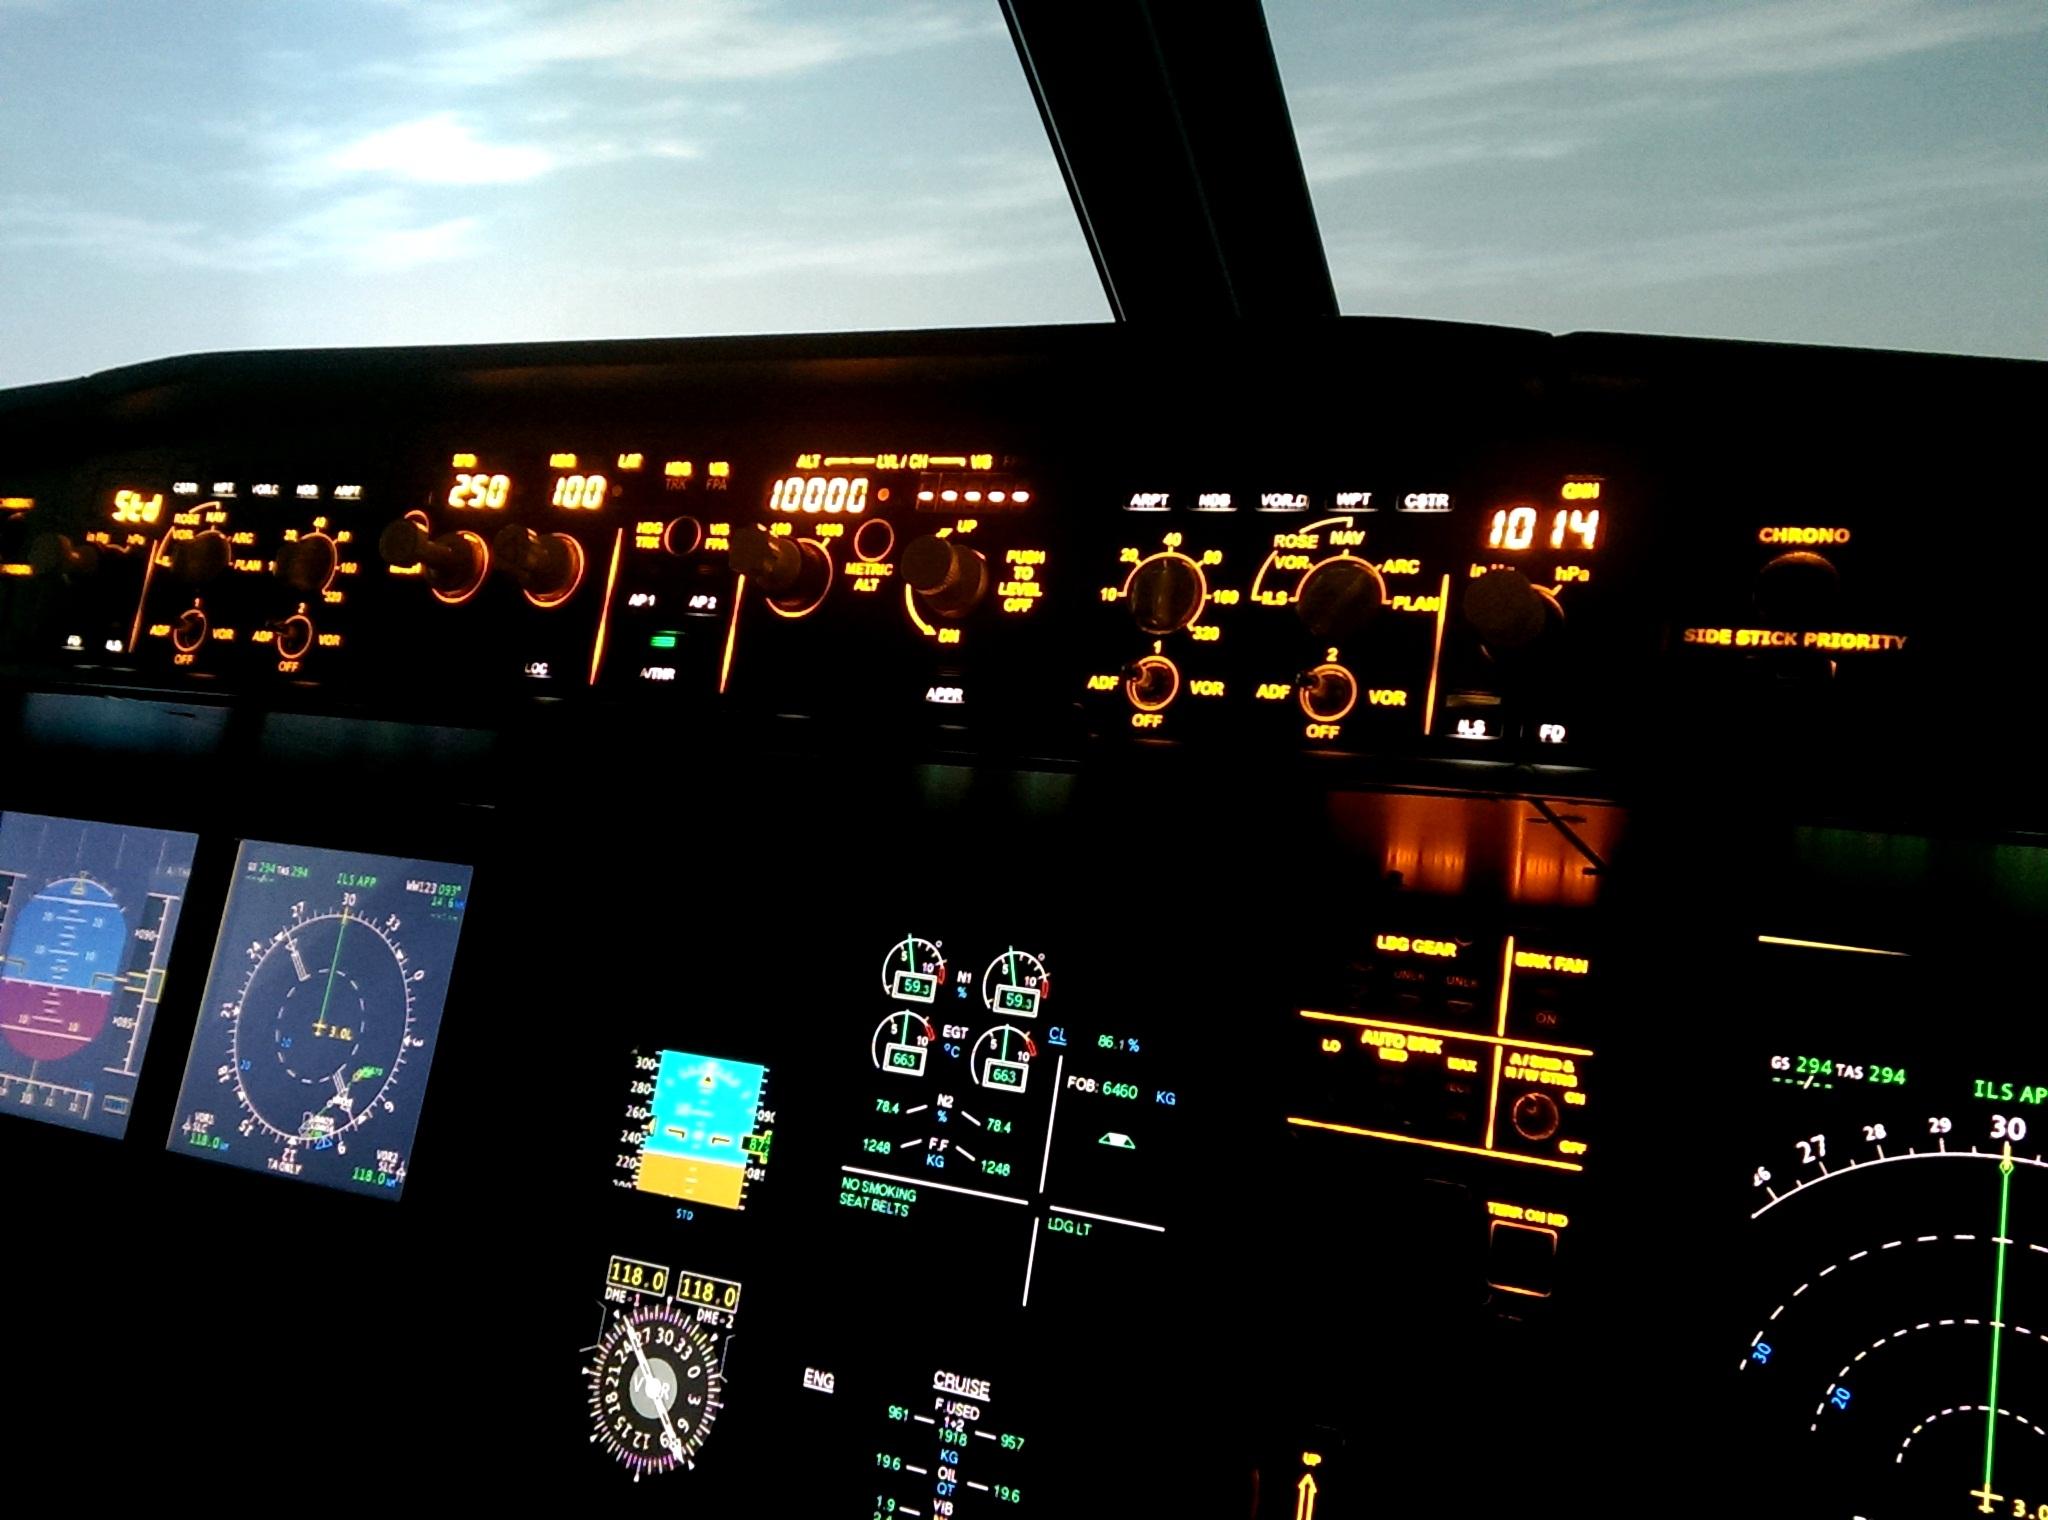 Flugsimulator_Steuerung